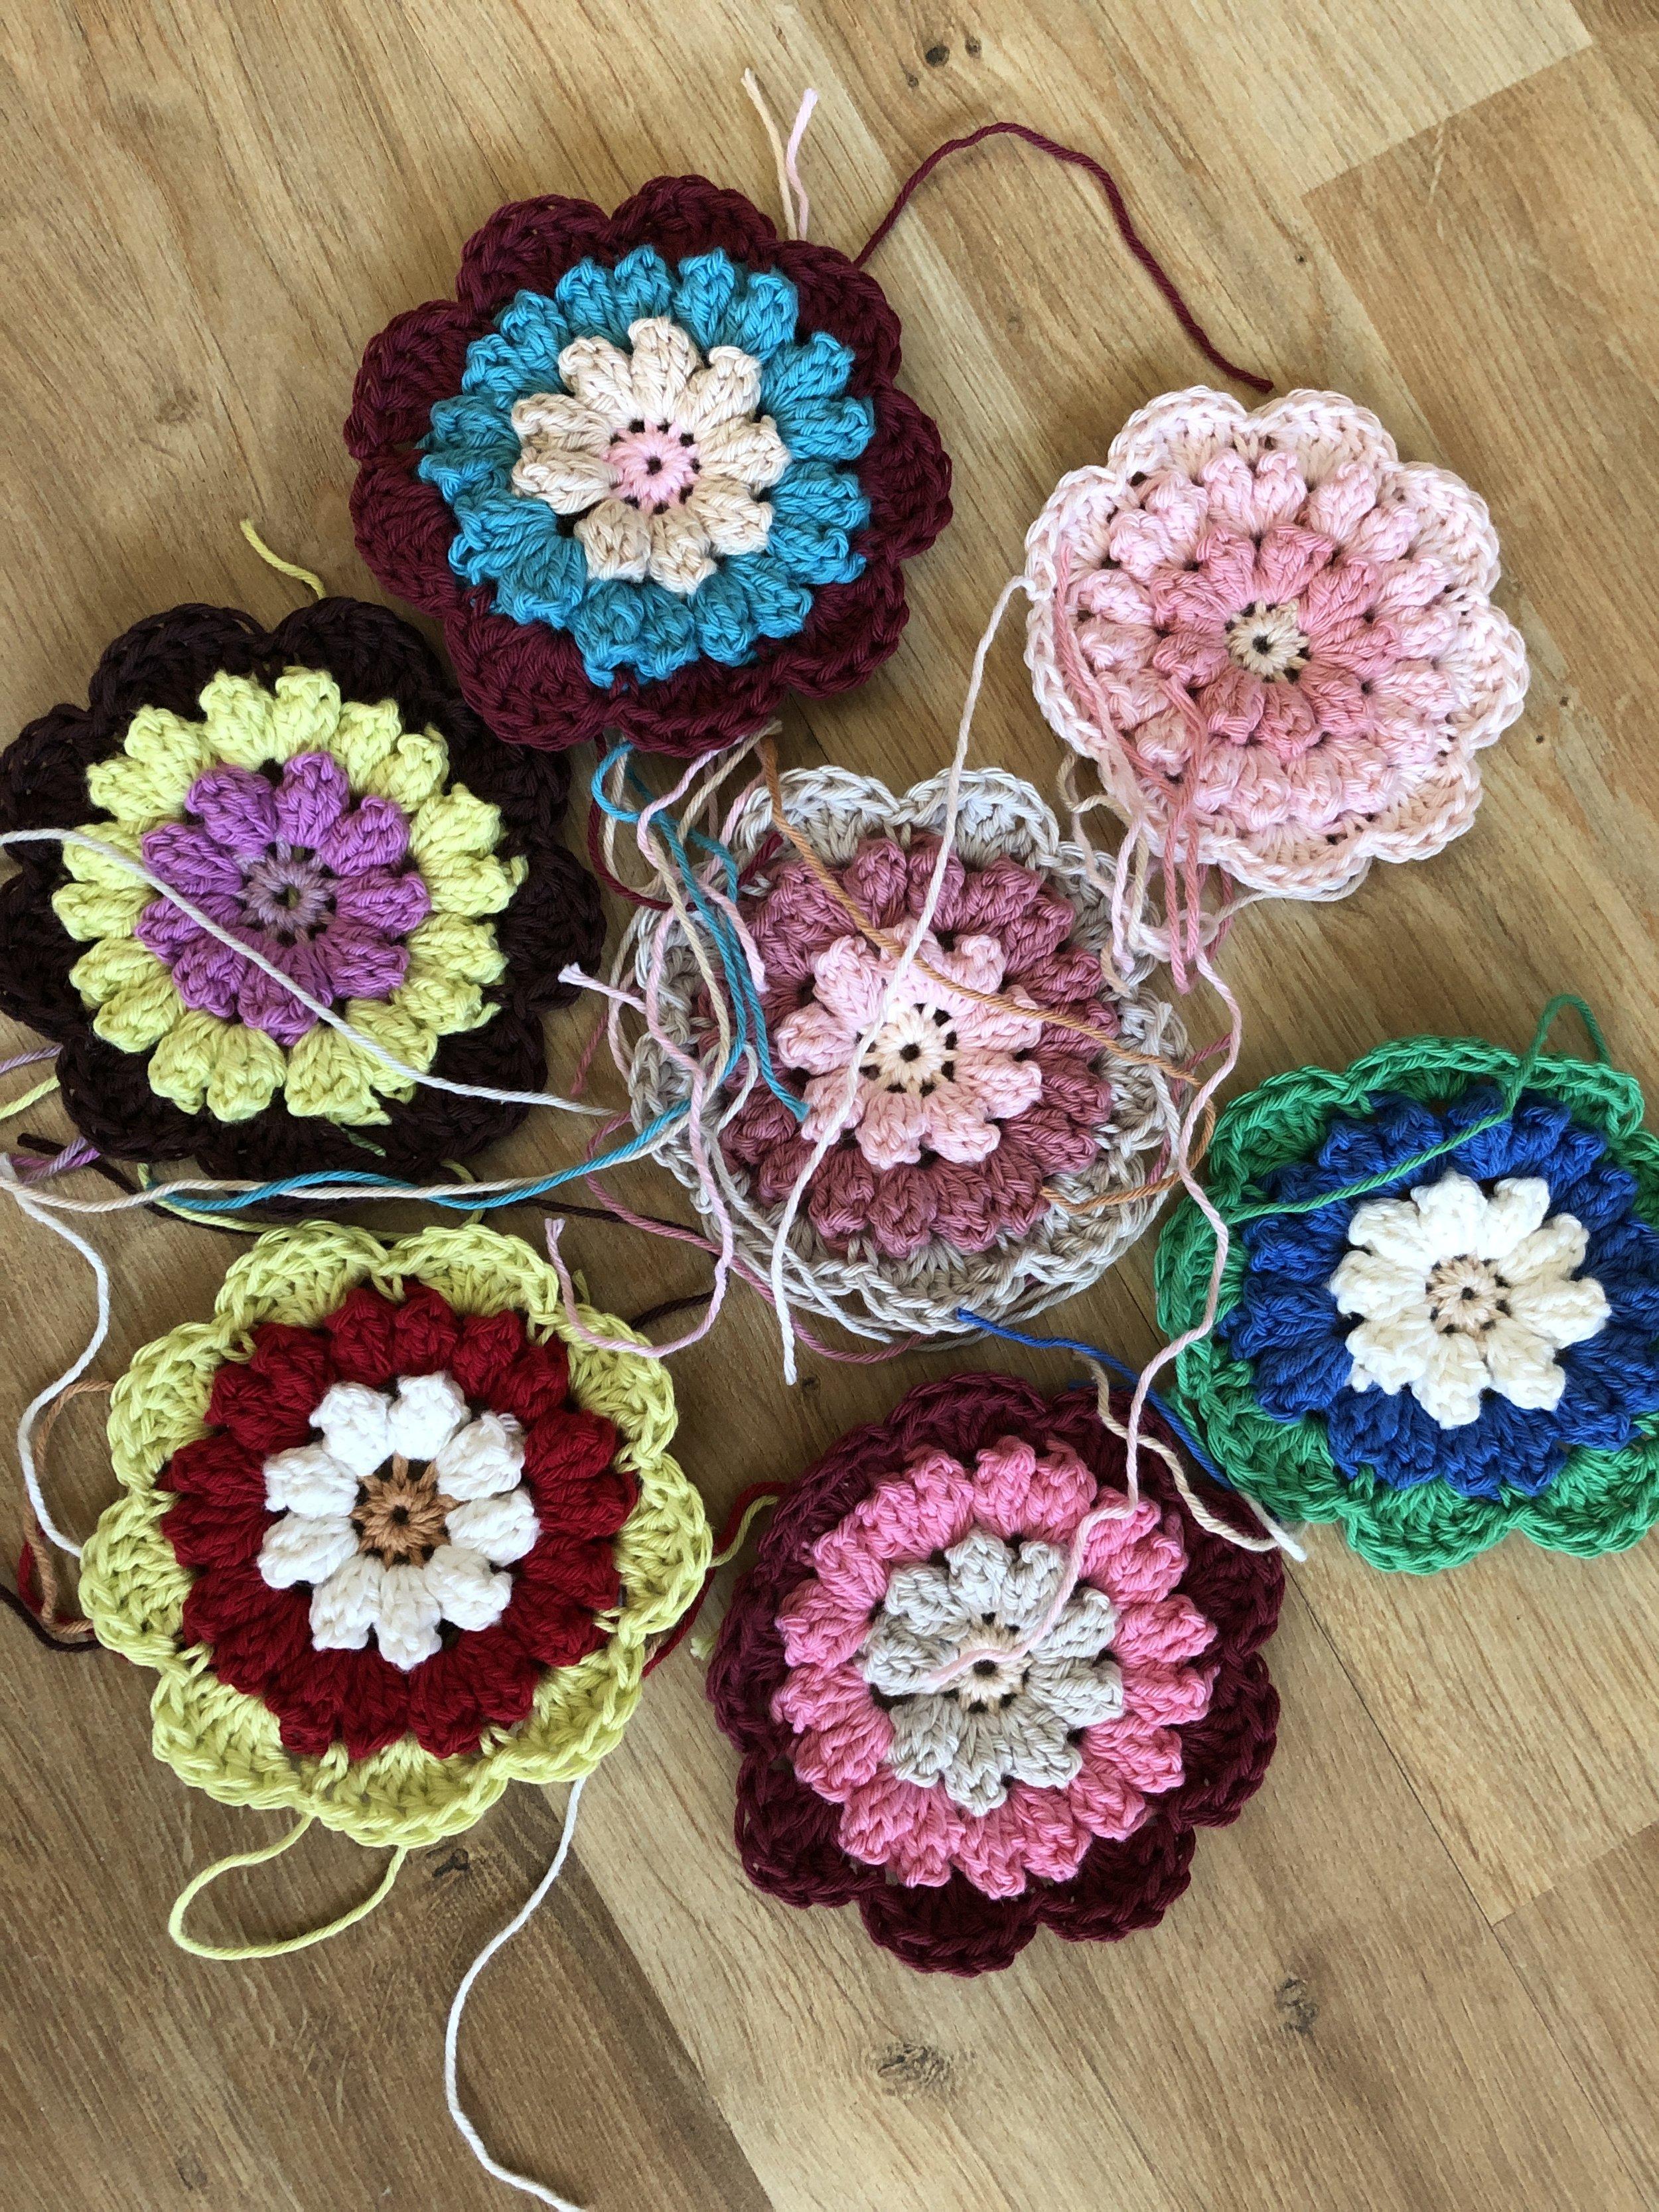 Crochet face scrubbies made using crochet cotton